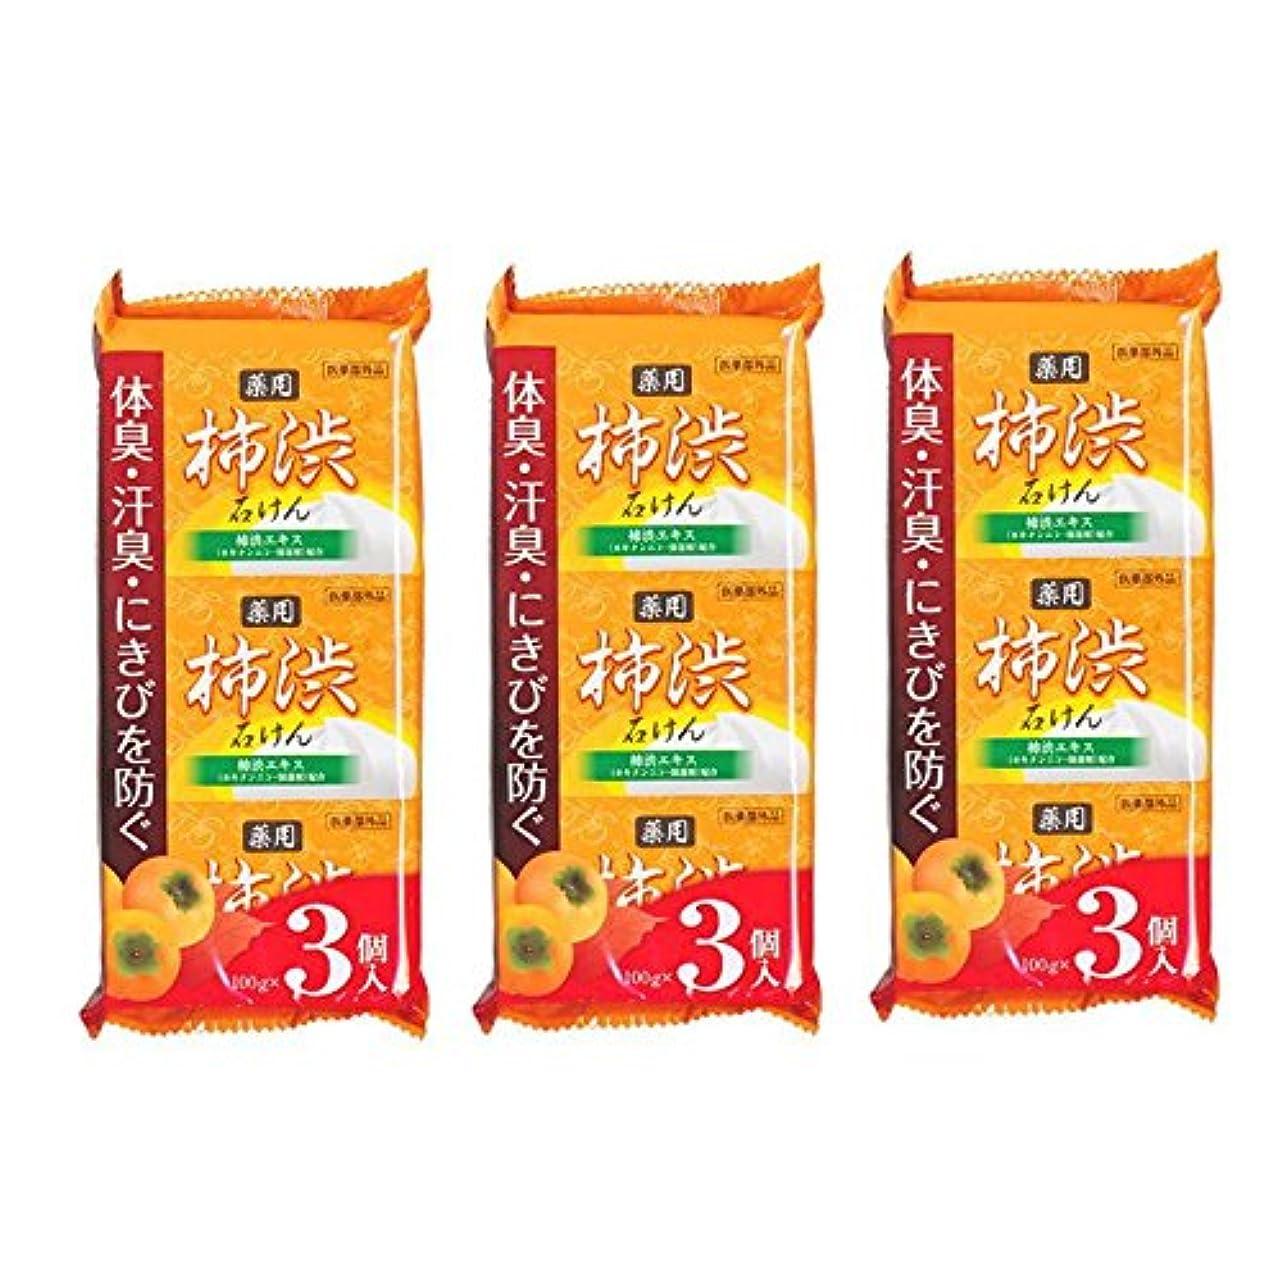 のど有益叙情的な柿渋石鹸 100g×9個セット(3個入り×3袋) 柿渋エキス カキタンニン?保湿剤配合